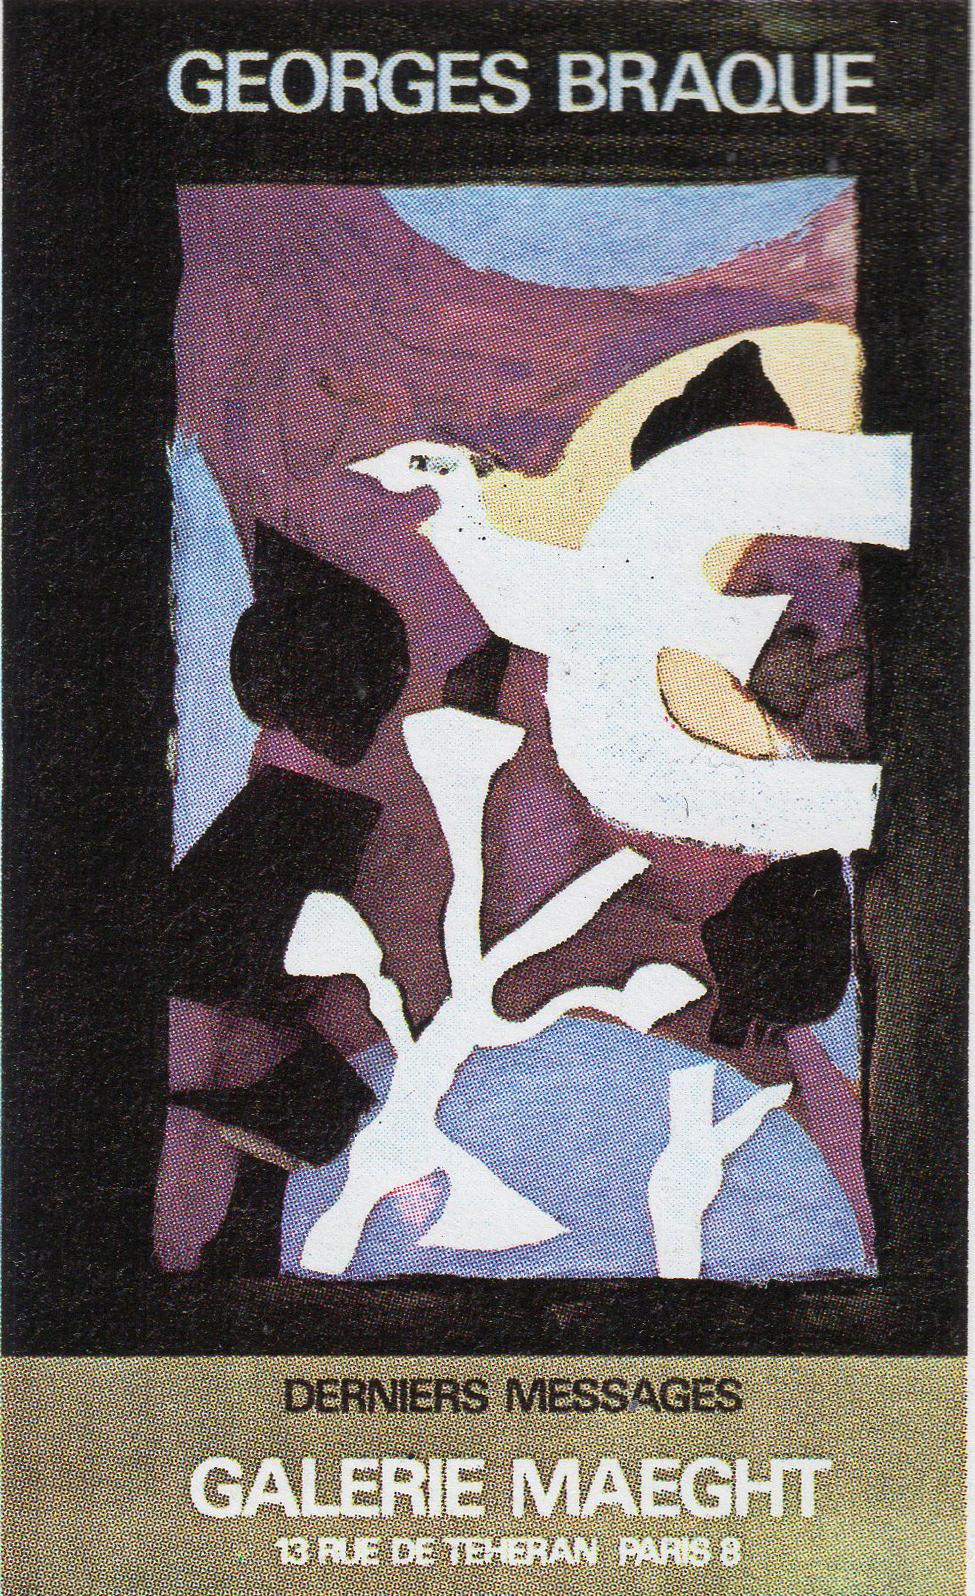 ジョルジュ・ブラック ポスター「Estampes livres」 /Georges Braque